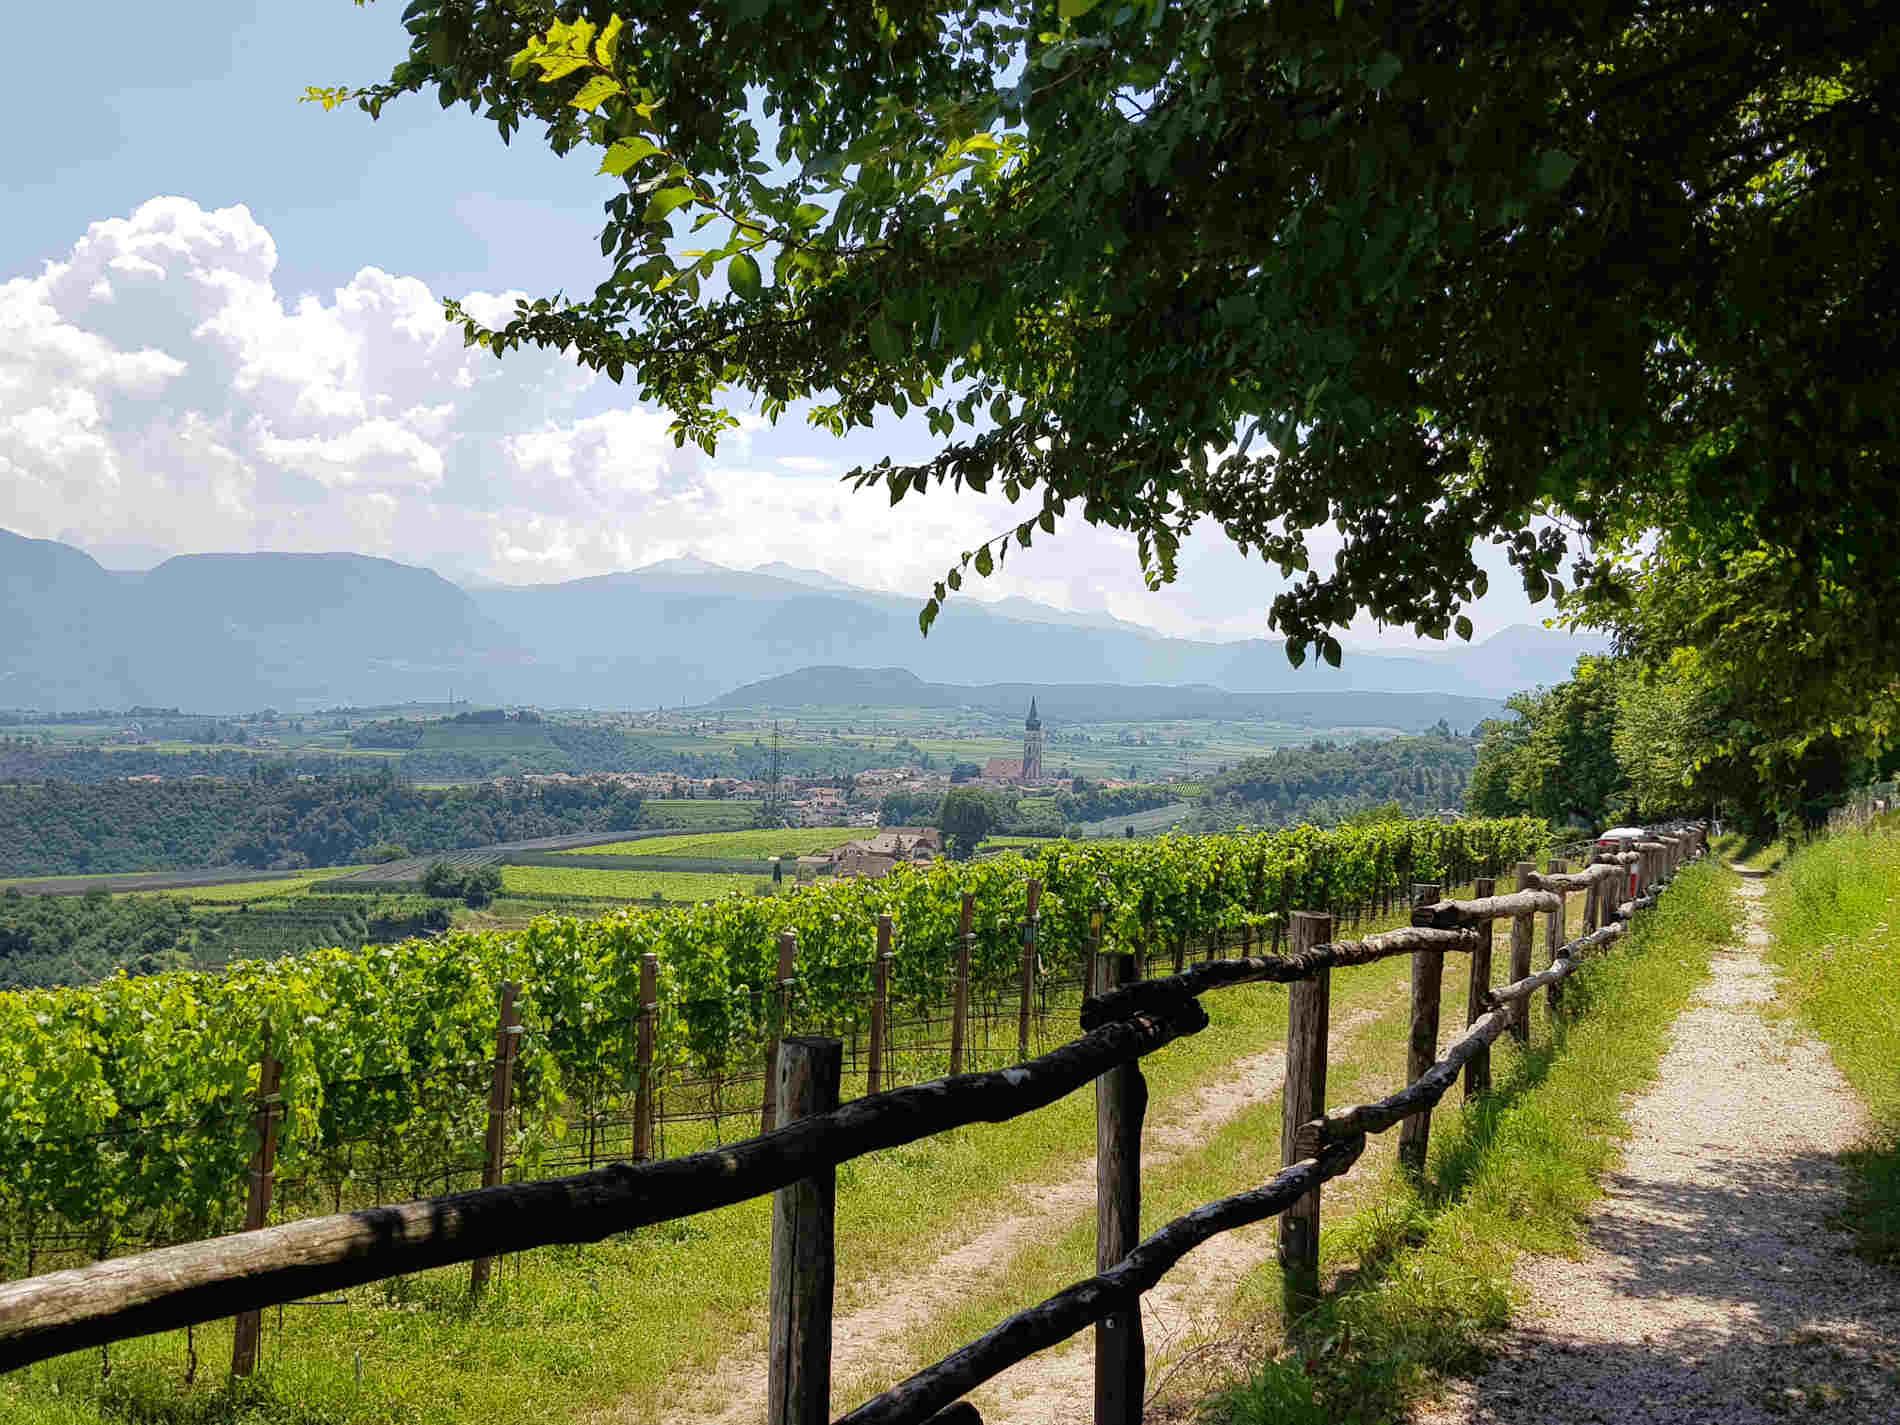 Vigneti vicino Castel Corba a Missiano Appiano in Alto Adige